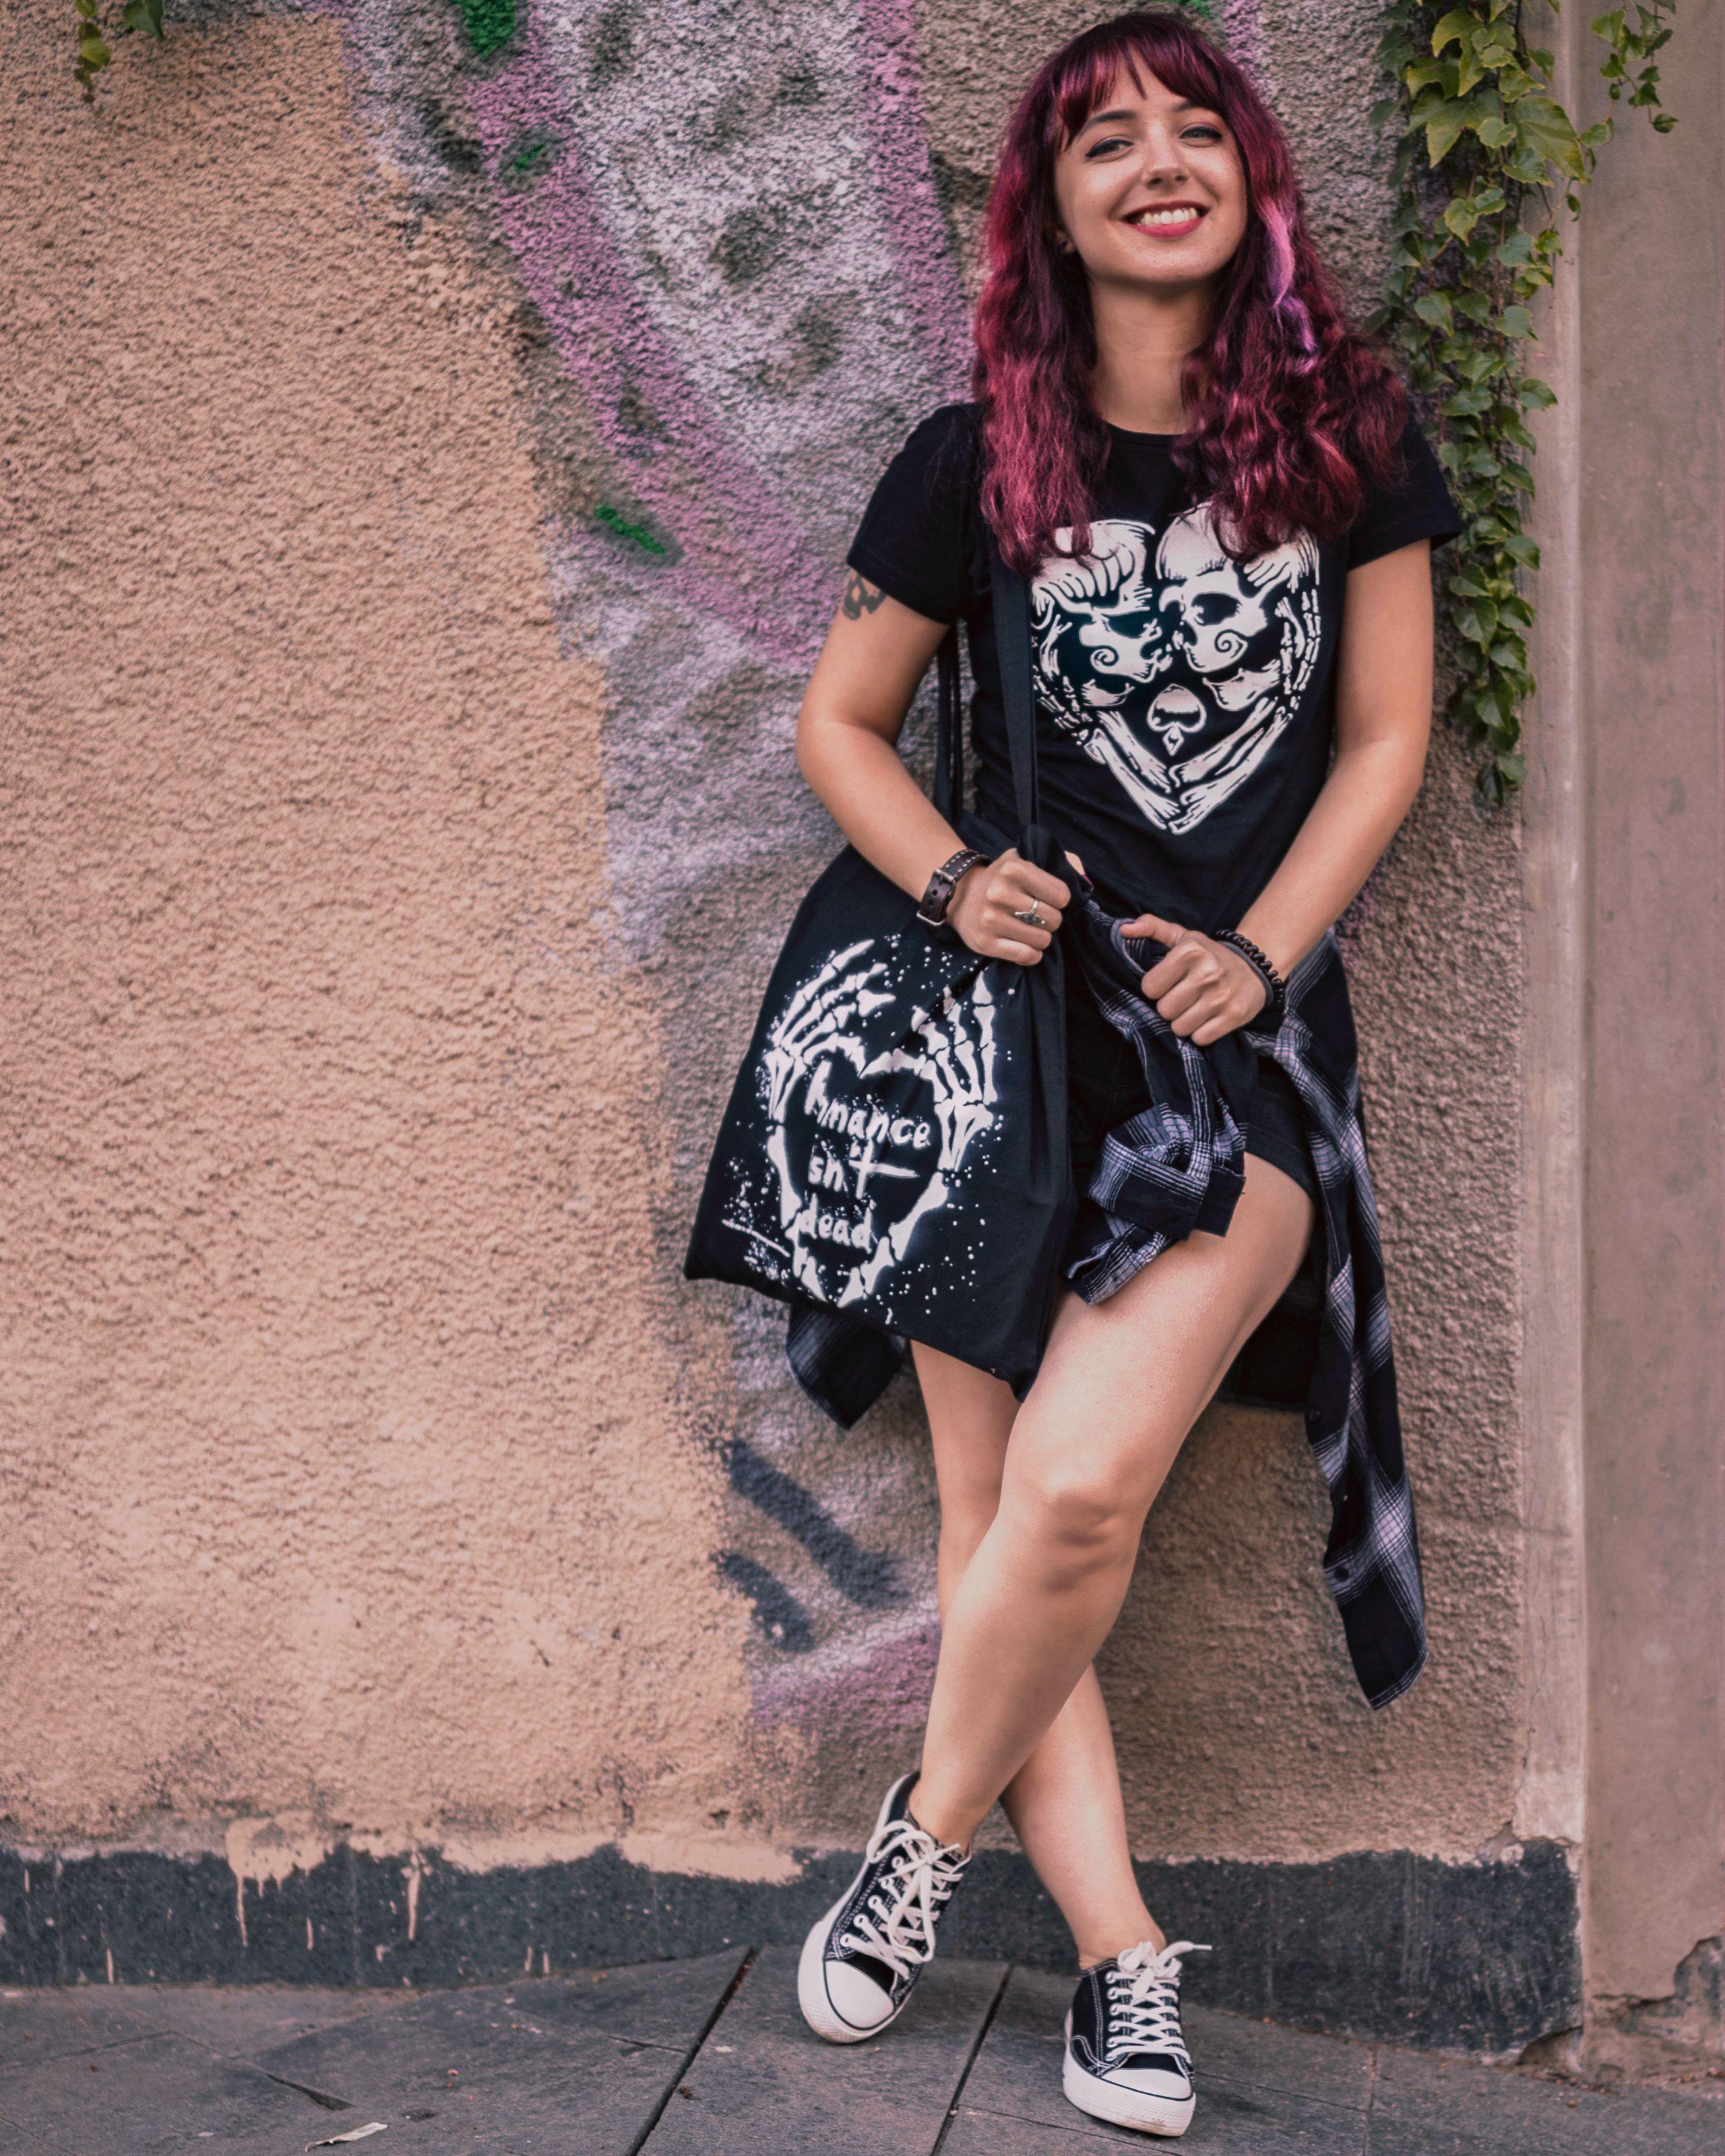 Punk femeie cauta. Cel mai bun site de intalnire Belgia